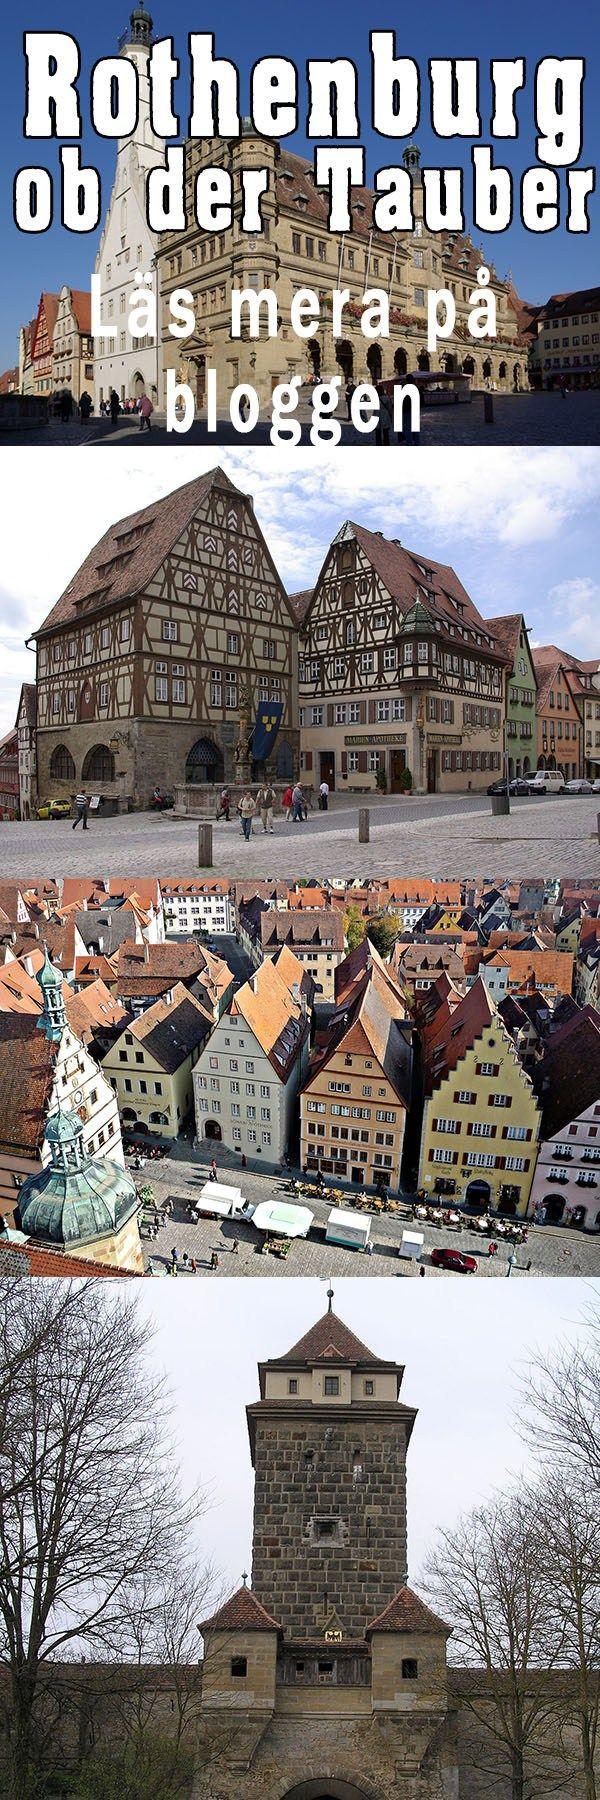 Tyskland - mitt i Europa - Bilturistens hemland enligt många. - Bilresa i Europa